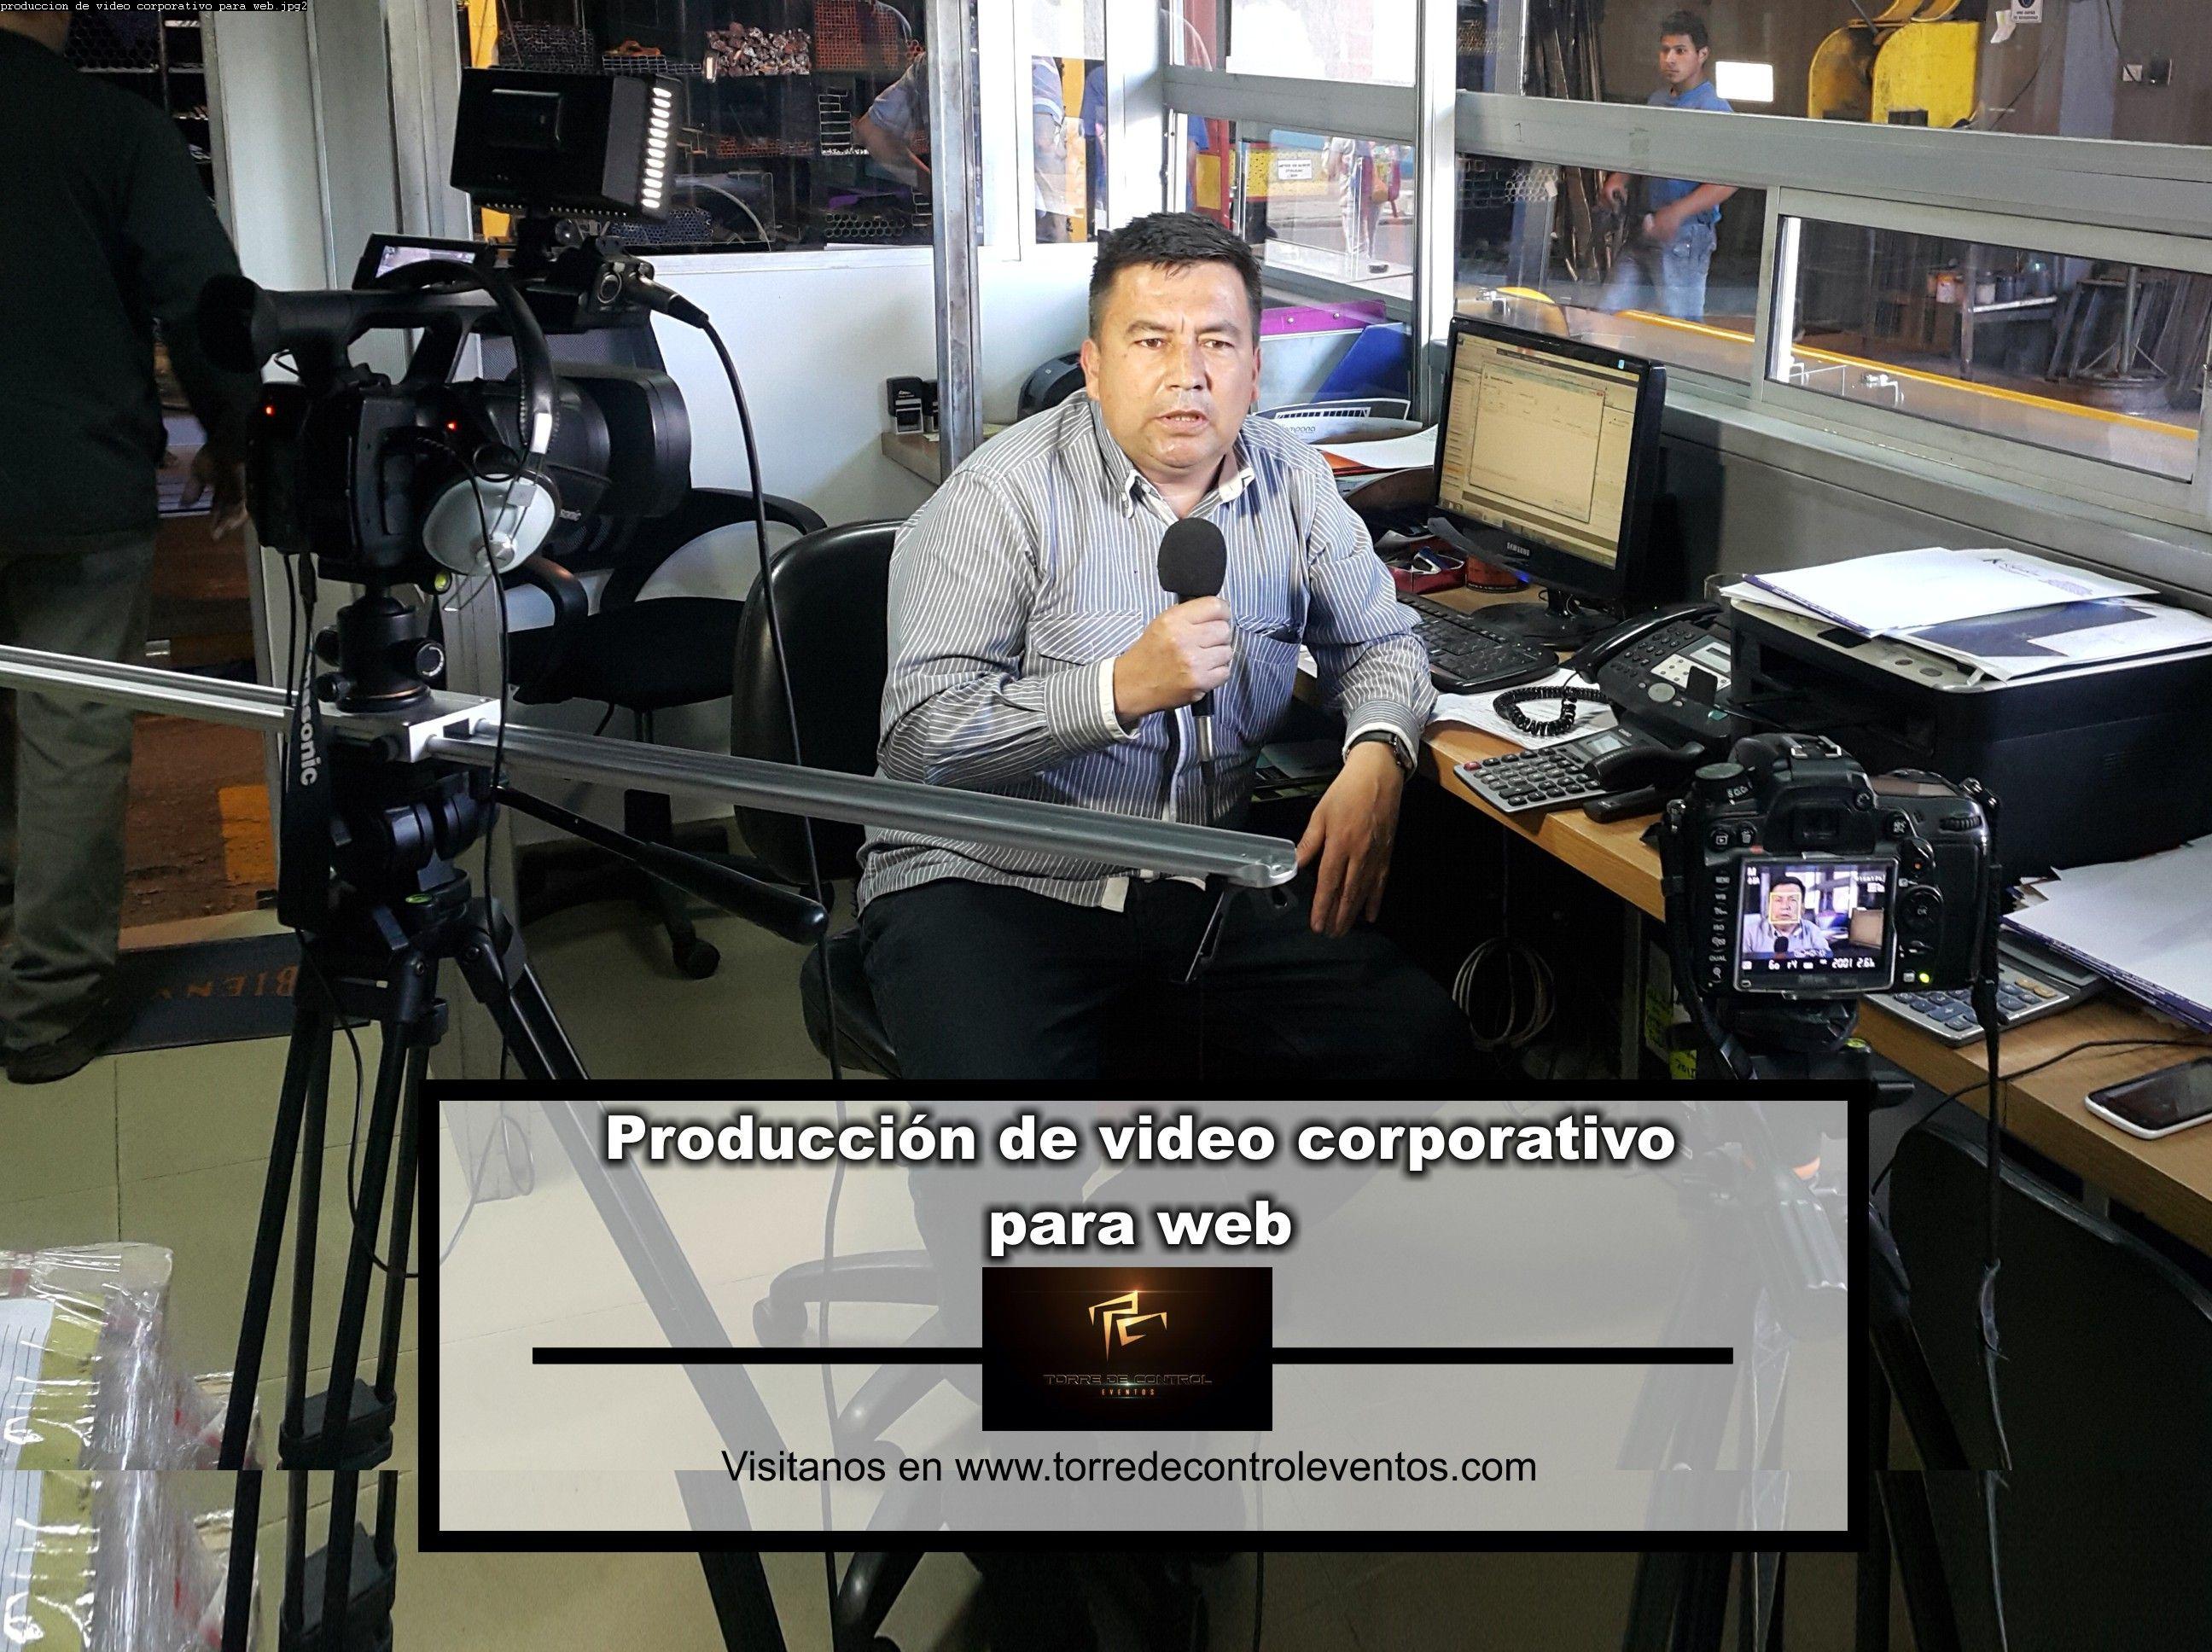 produccion de video corporativo para web.jpg2